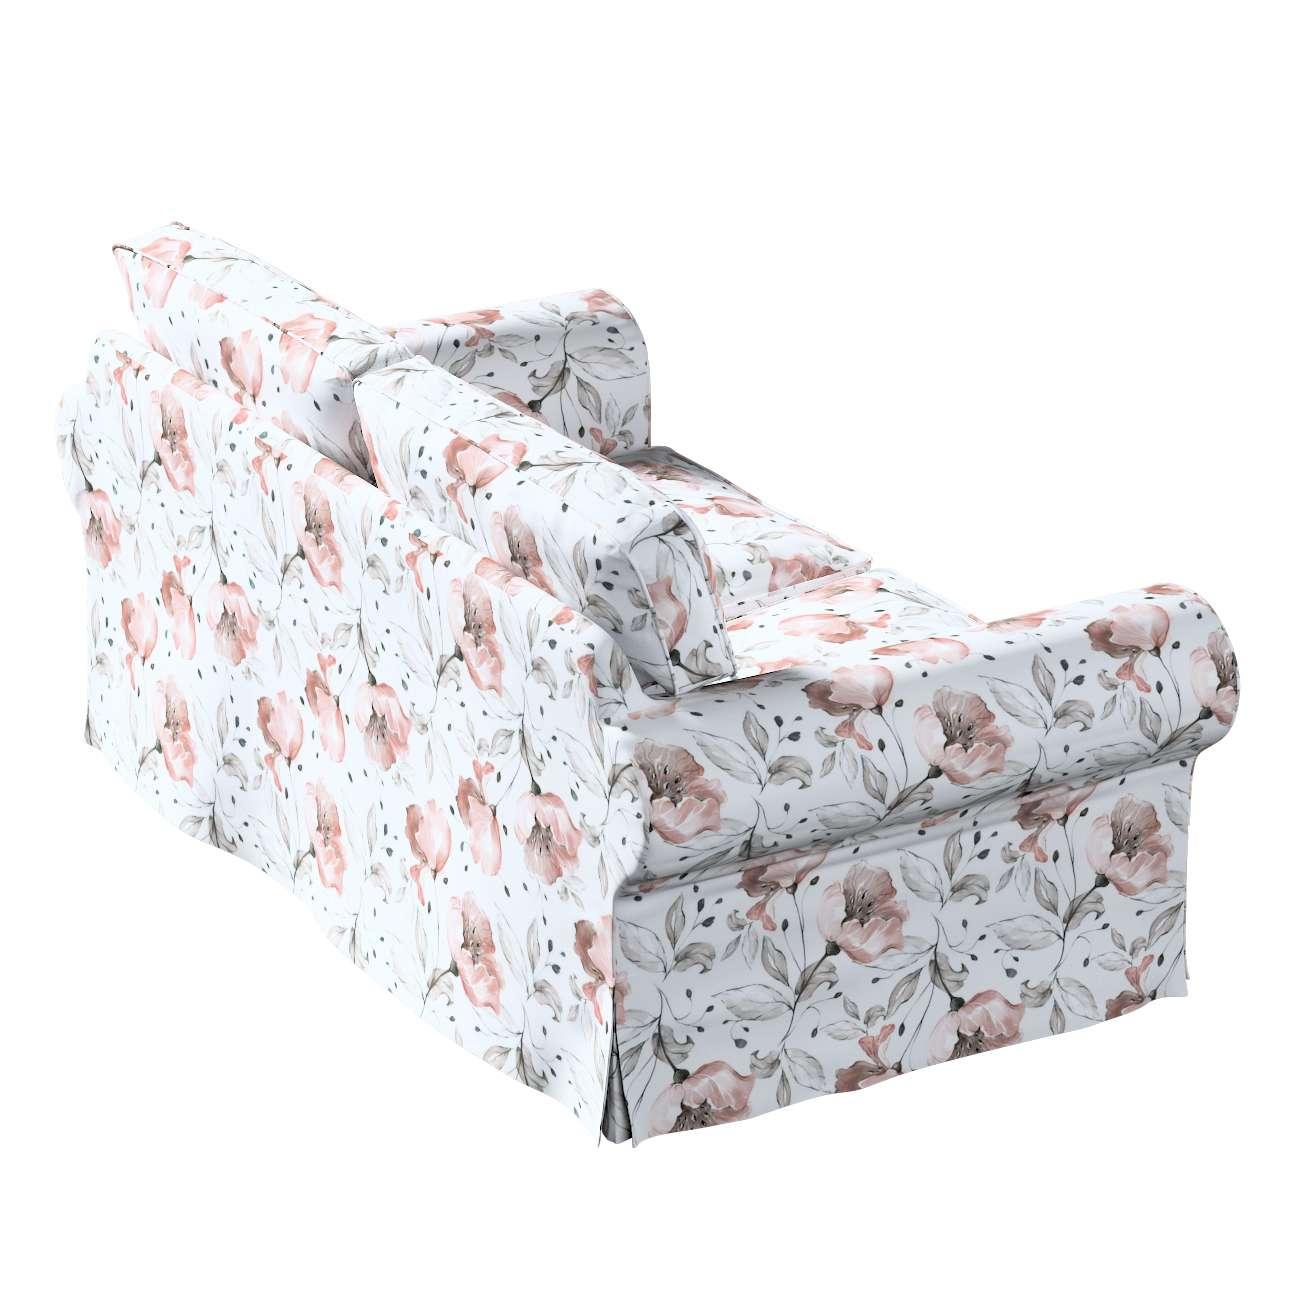 Pokrowiec na sofę Ektorp 2-osobową rozkładaną, model po 2012 w kolekcji Velvet, tkanina: 704-50